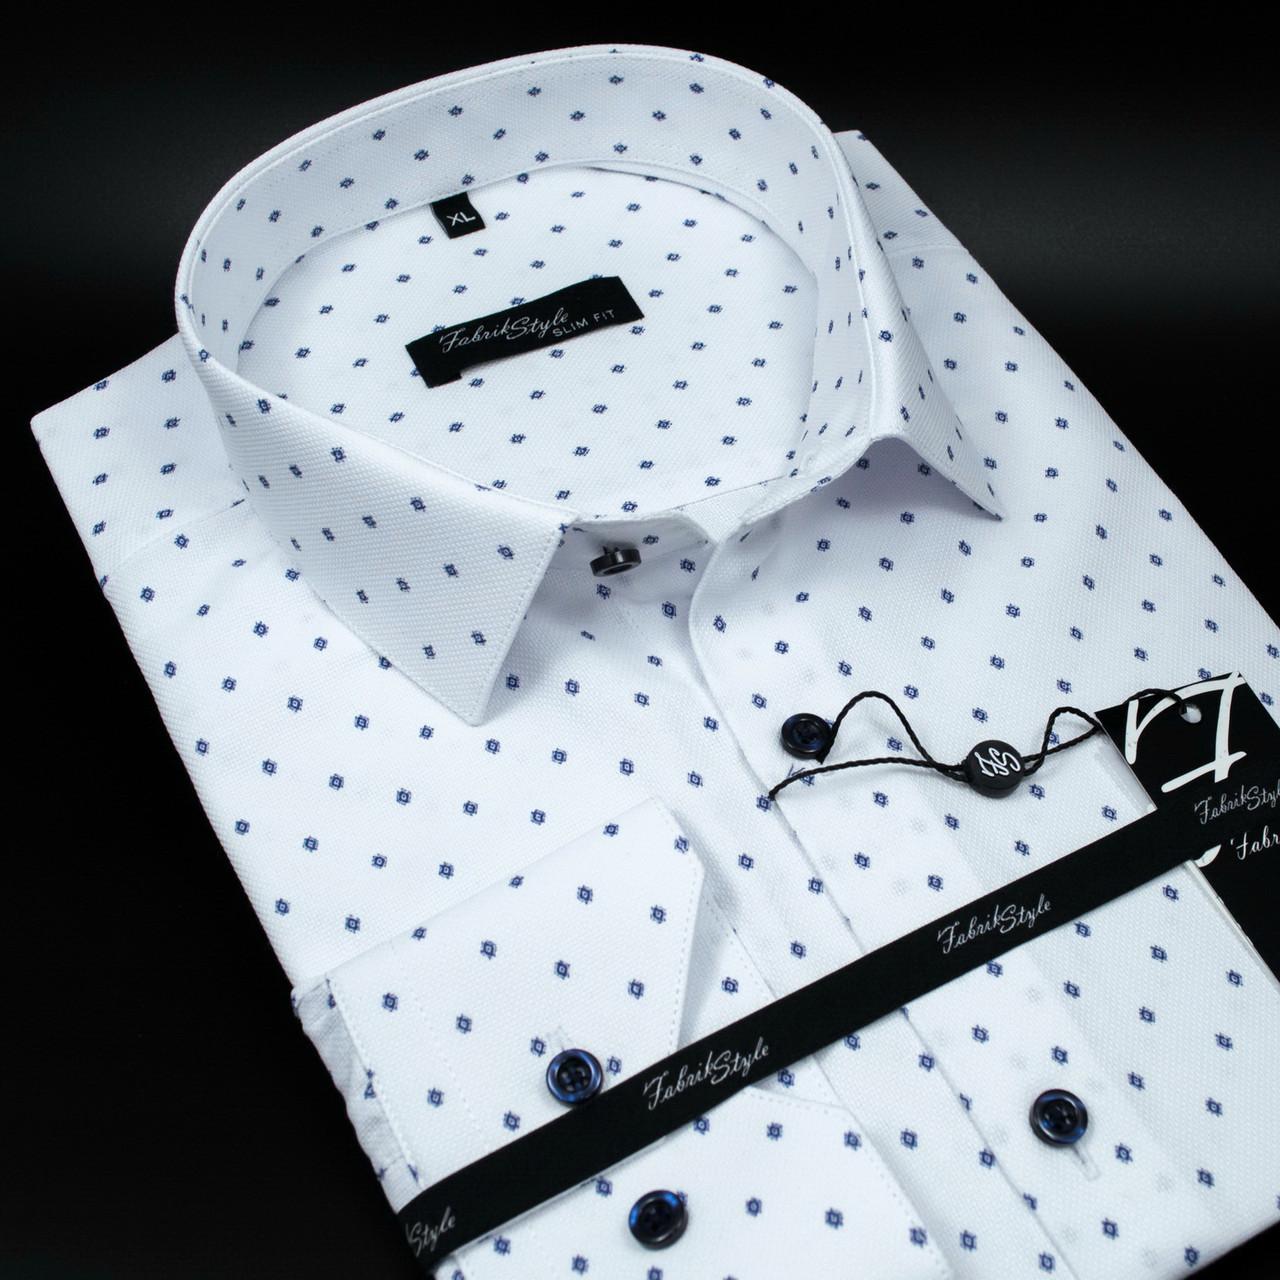 Сорочка чоловіча, приталена (Slim Fit), з довгим рукавом Fabrik Style 5368 100% бавовна 4XL(Р)